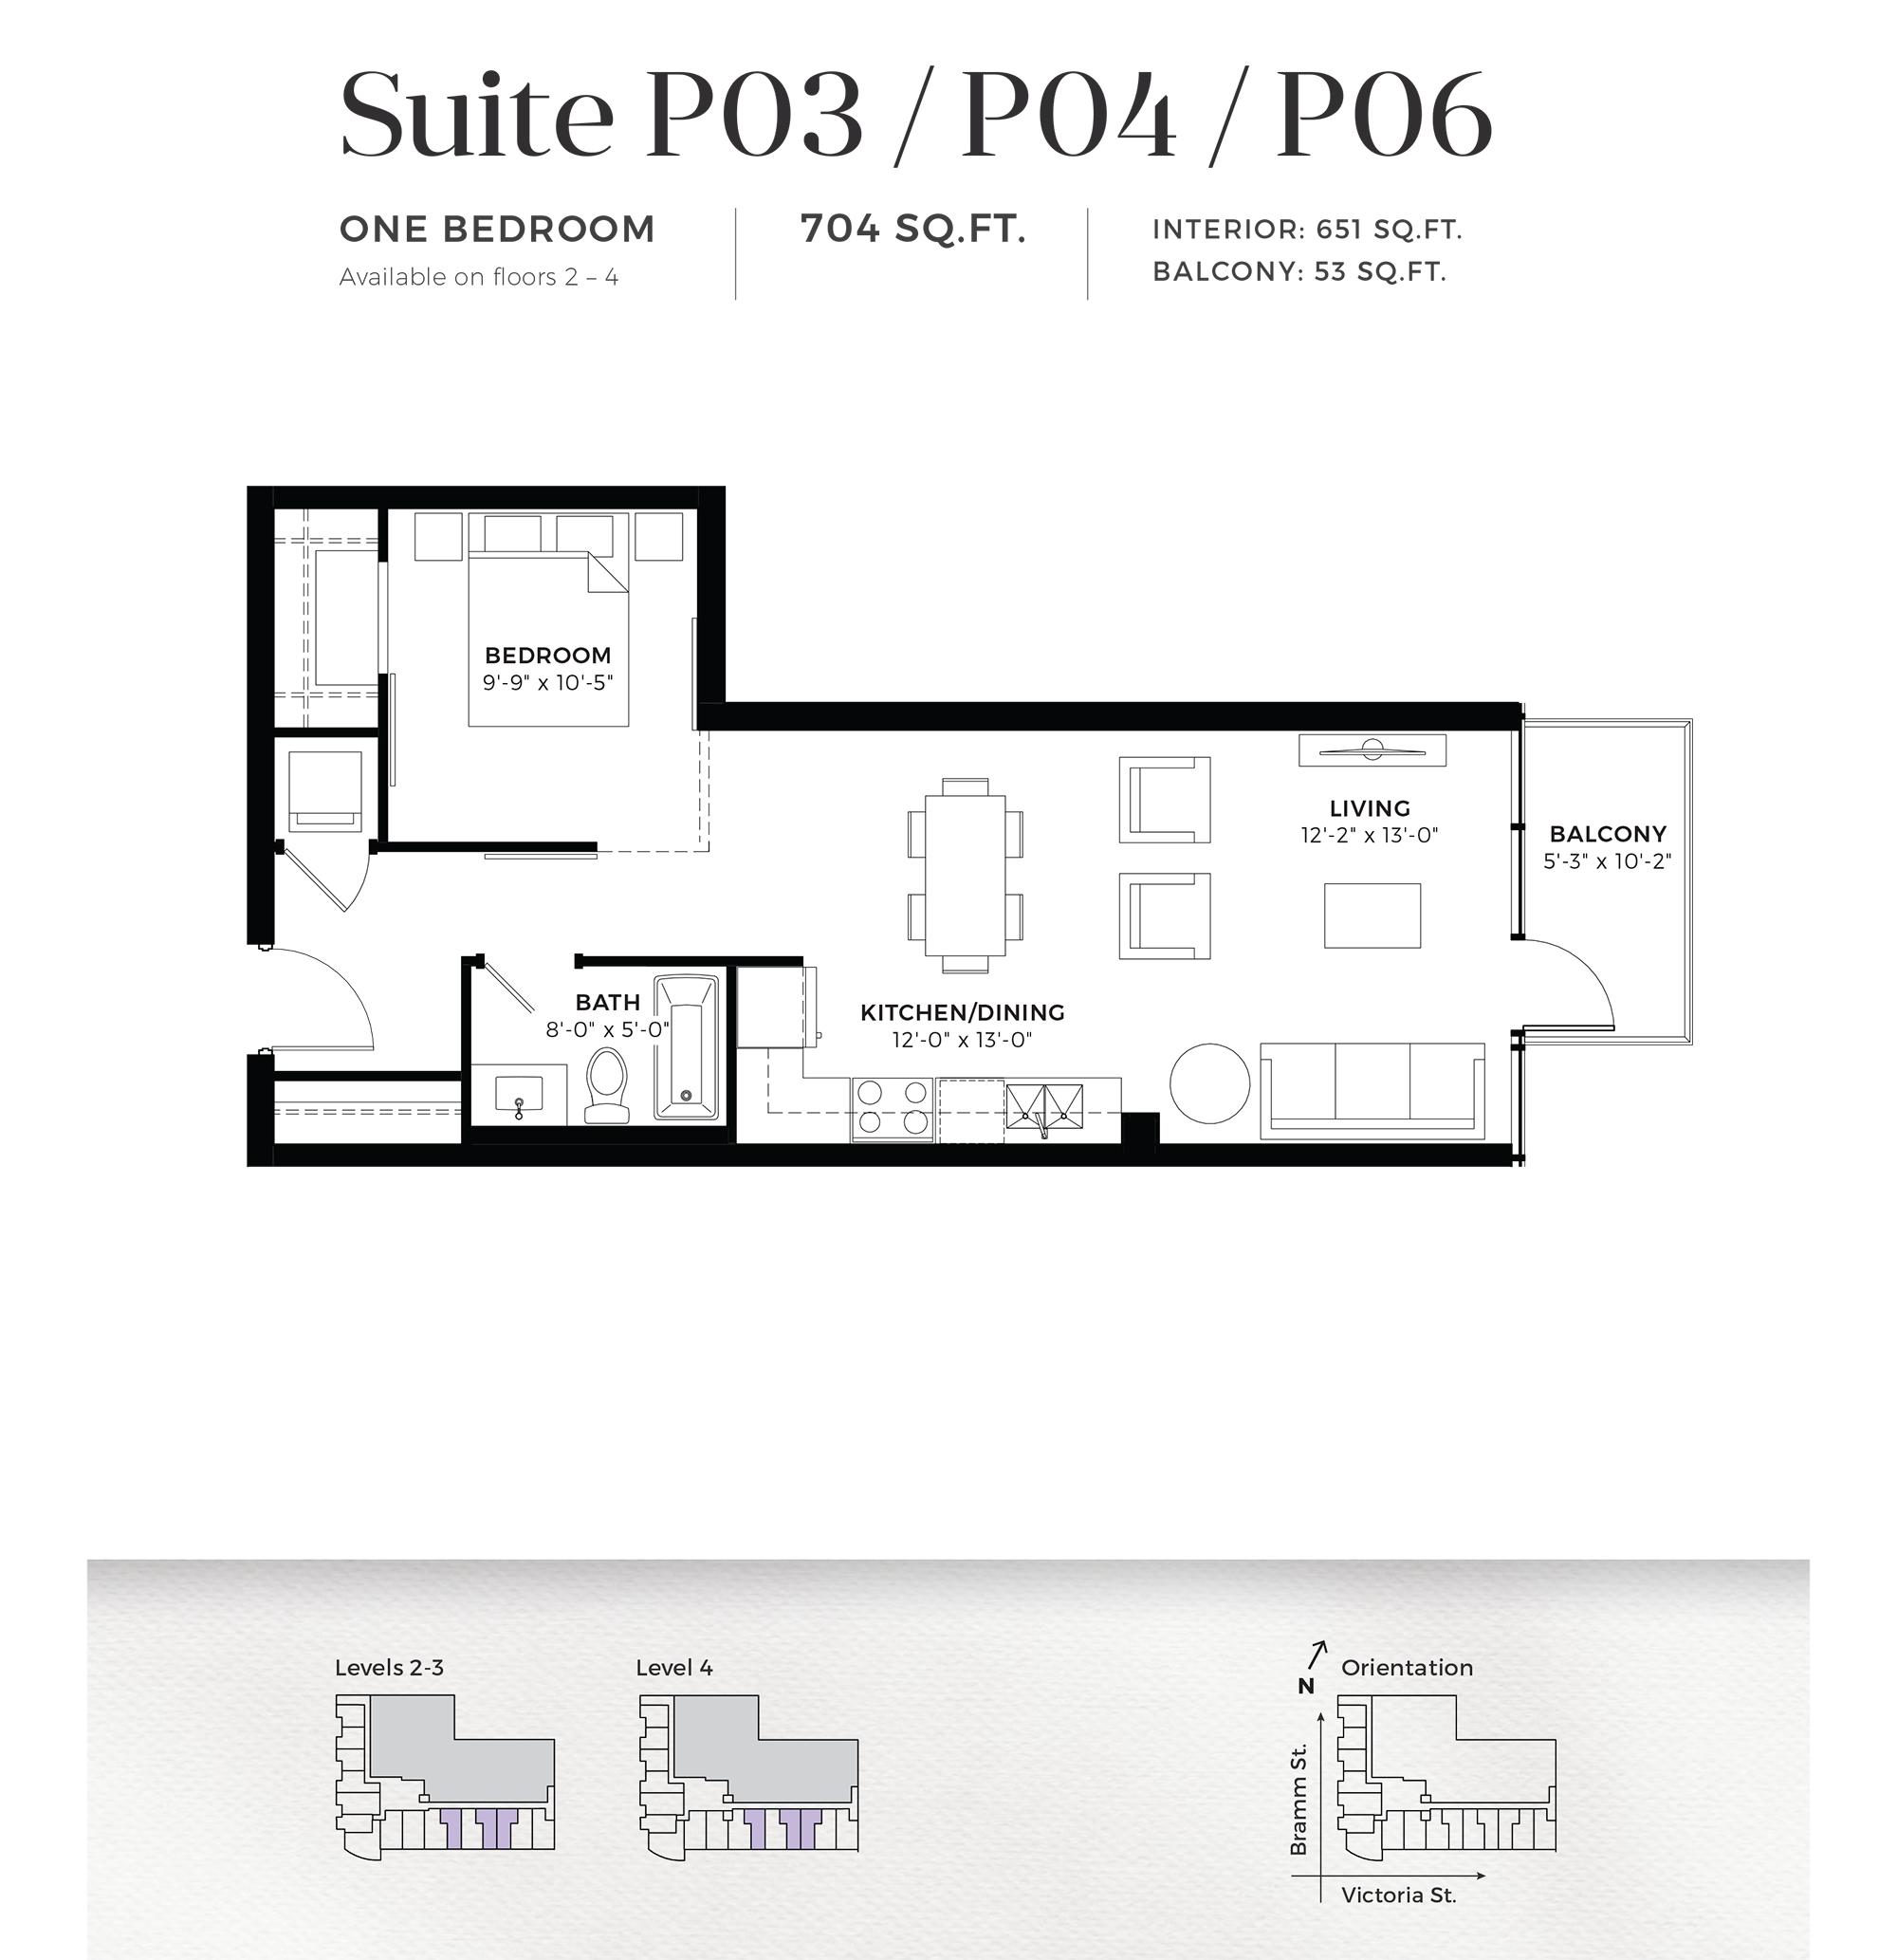 Suite P02 / P05